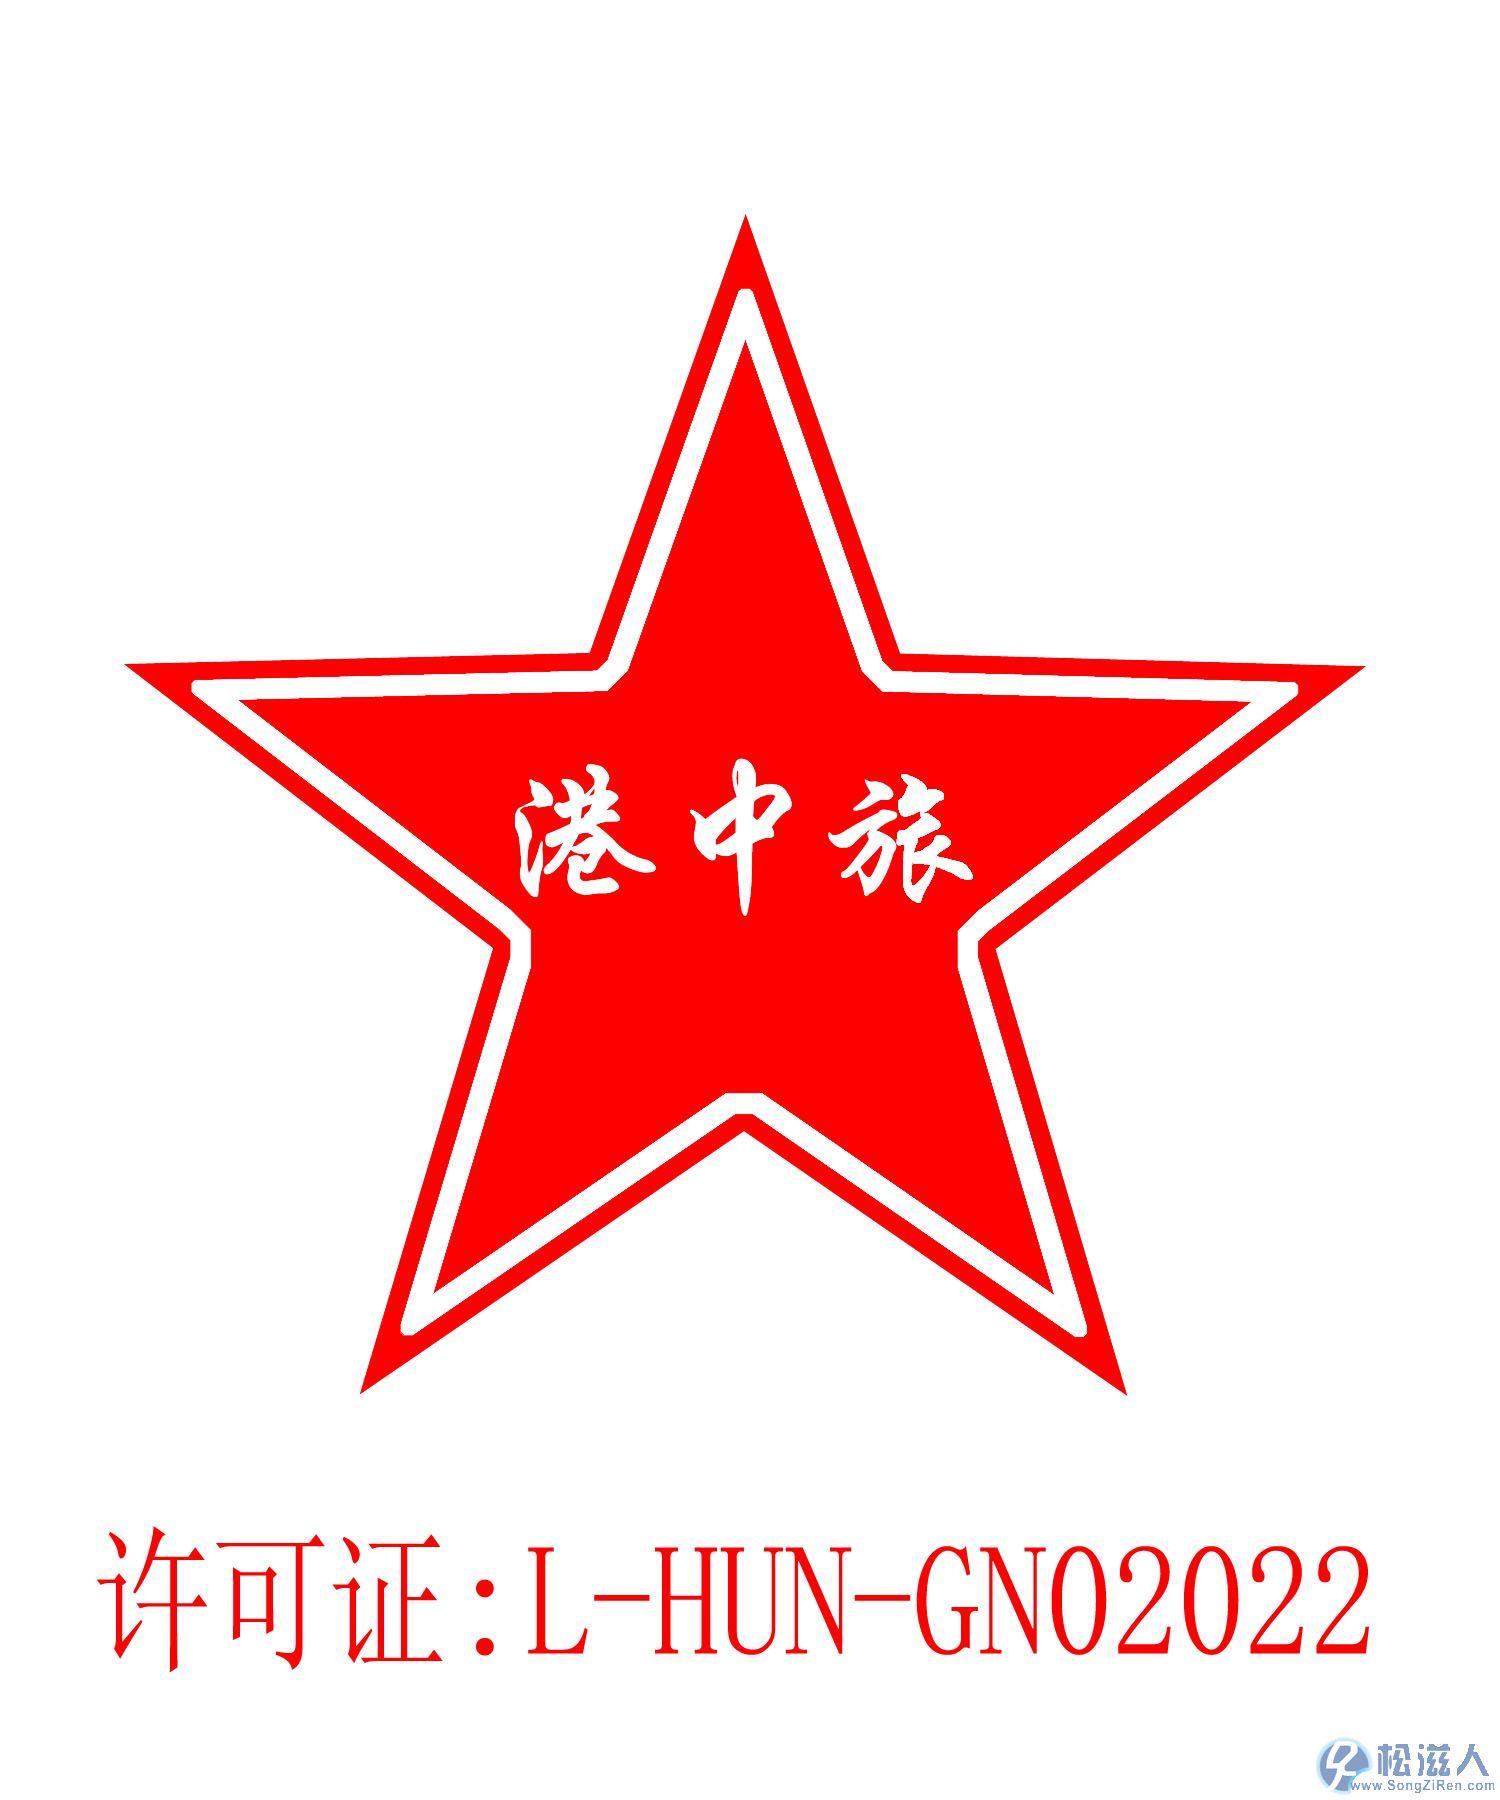 张家界港中旅旅行社有限公司